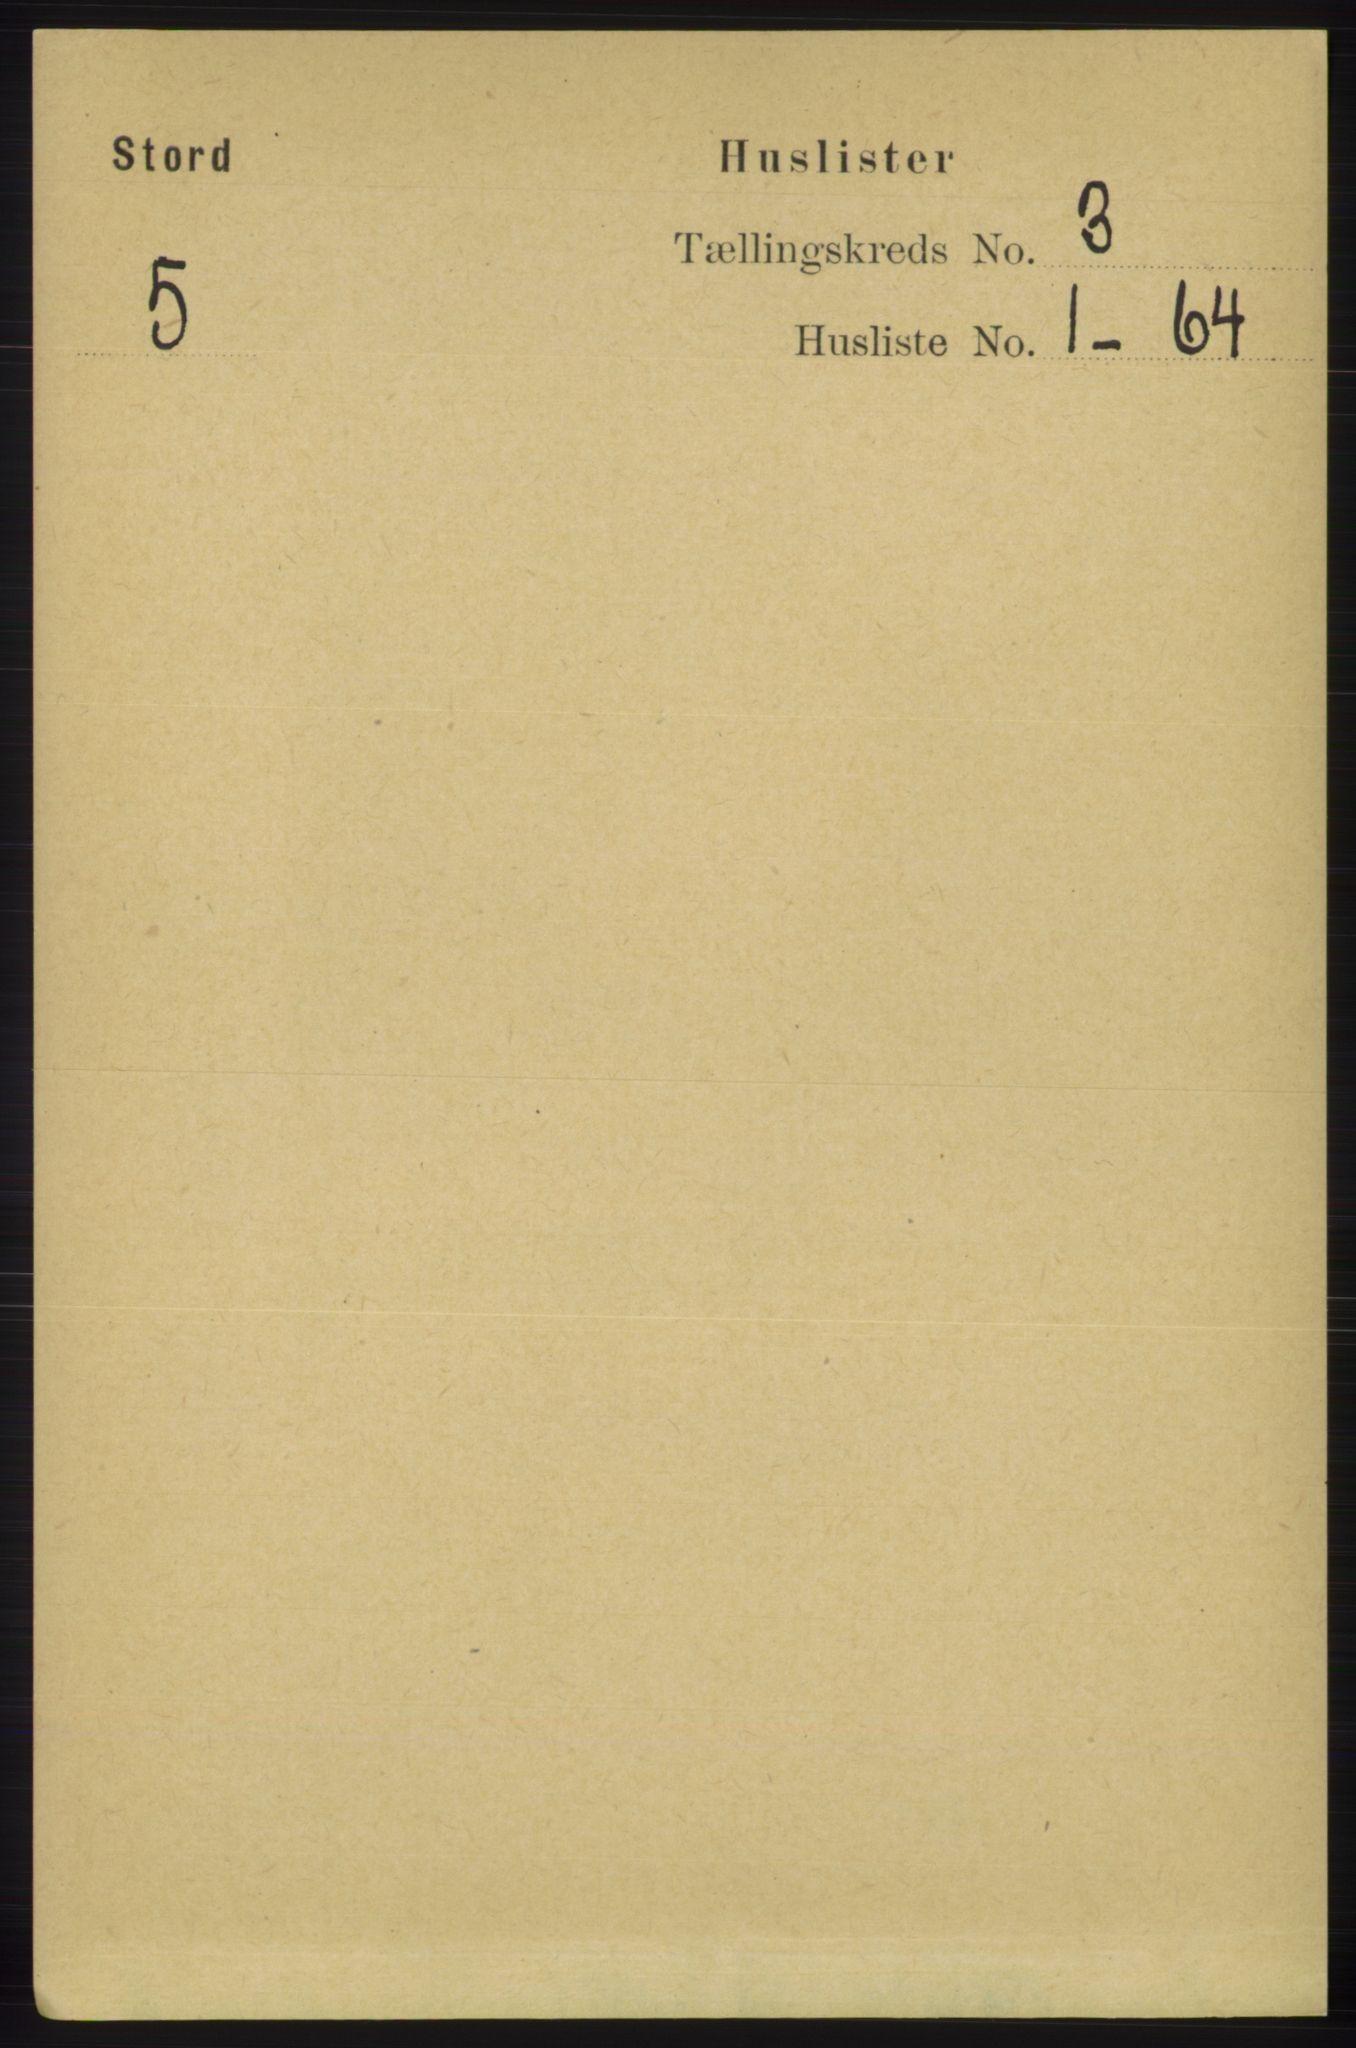 RA, Folketelling 1891 for 1221 Stord herred, 1891, s. 466